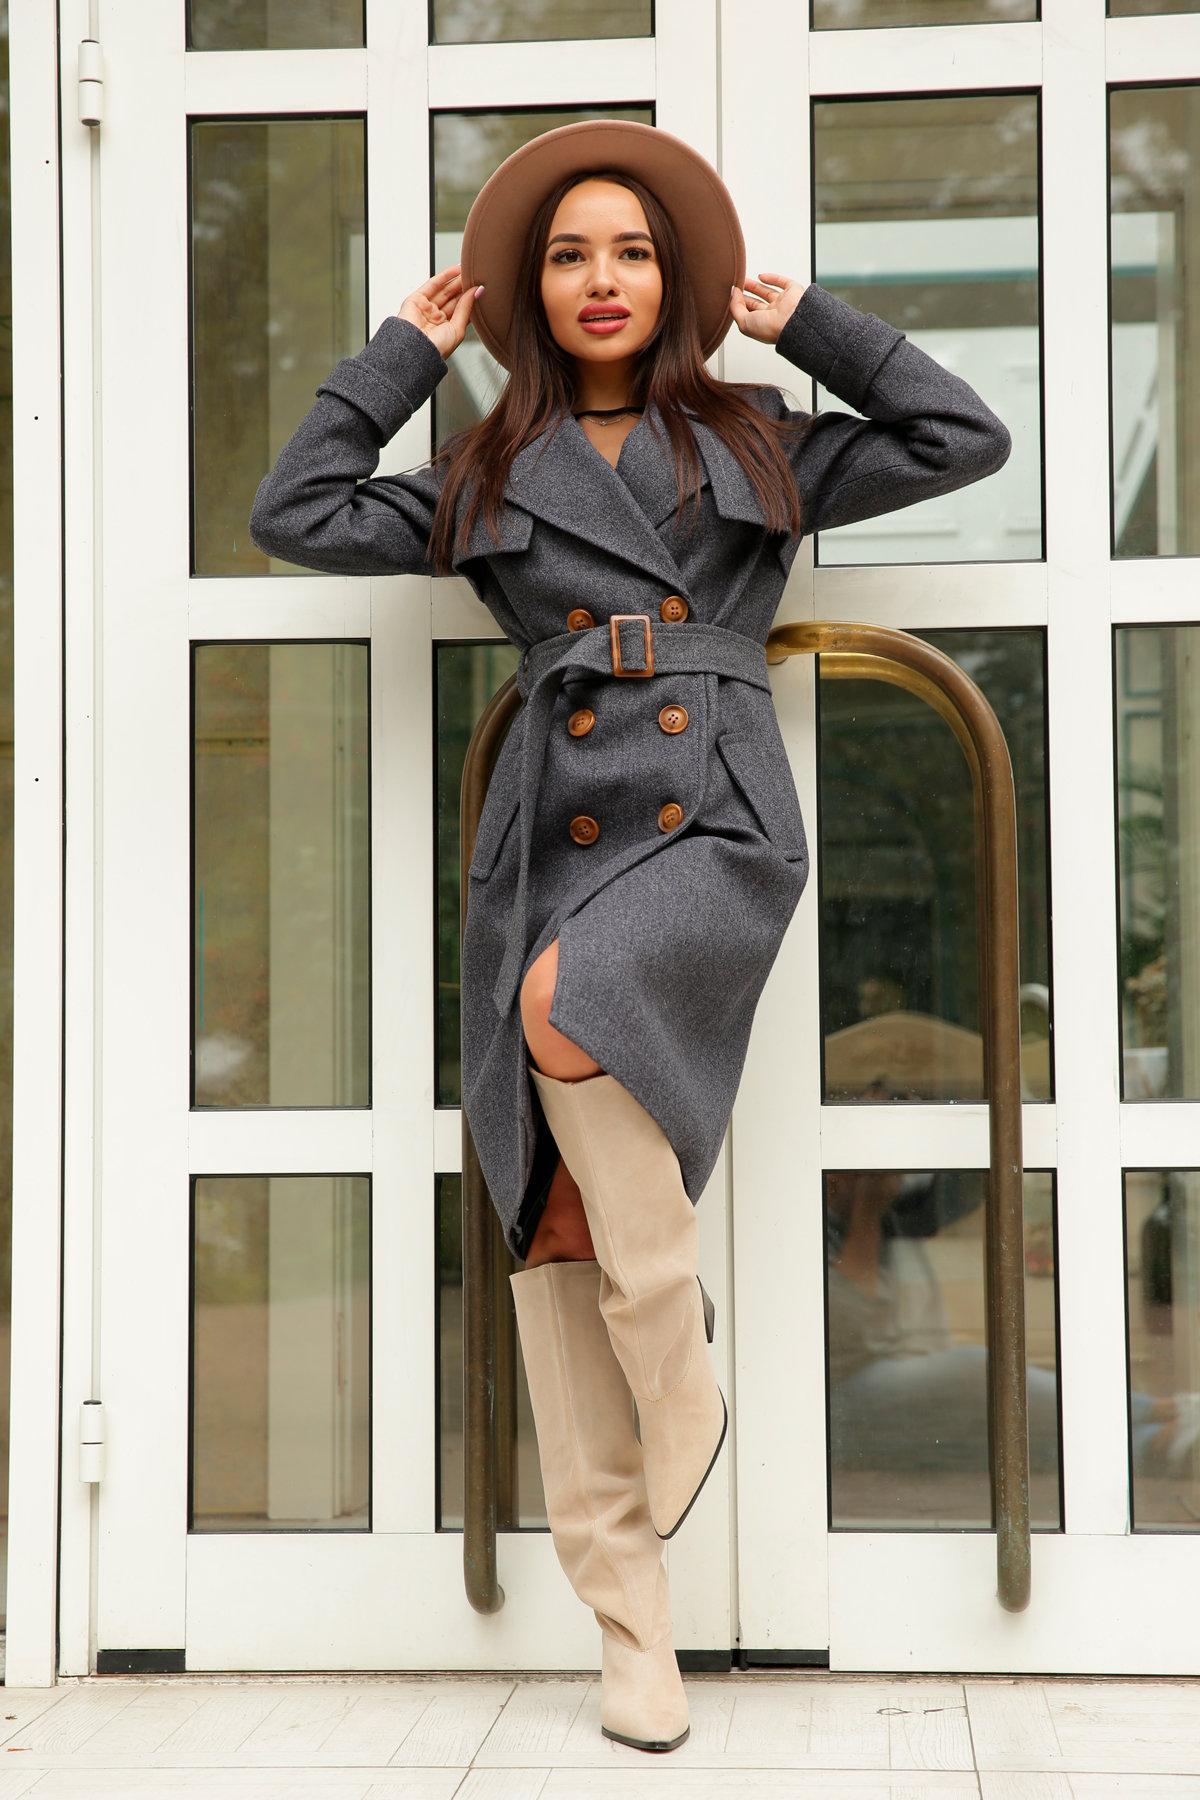 Двубортное пальто демисезон Монте 8089 АРТ. 44032 Цвет: т. синий 543 - фото 2, интернет магазин tm-modus.ru